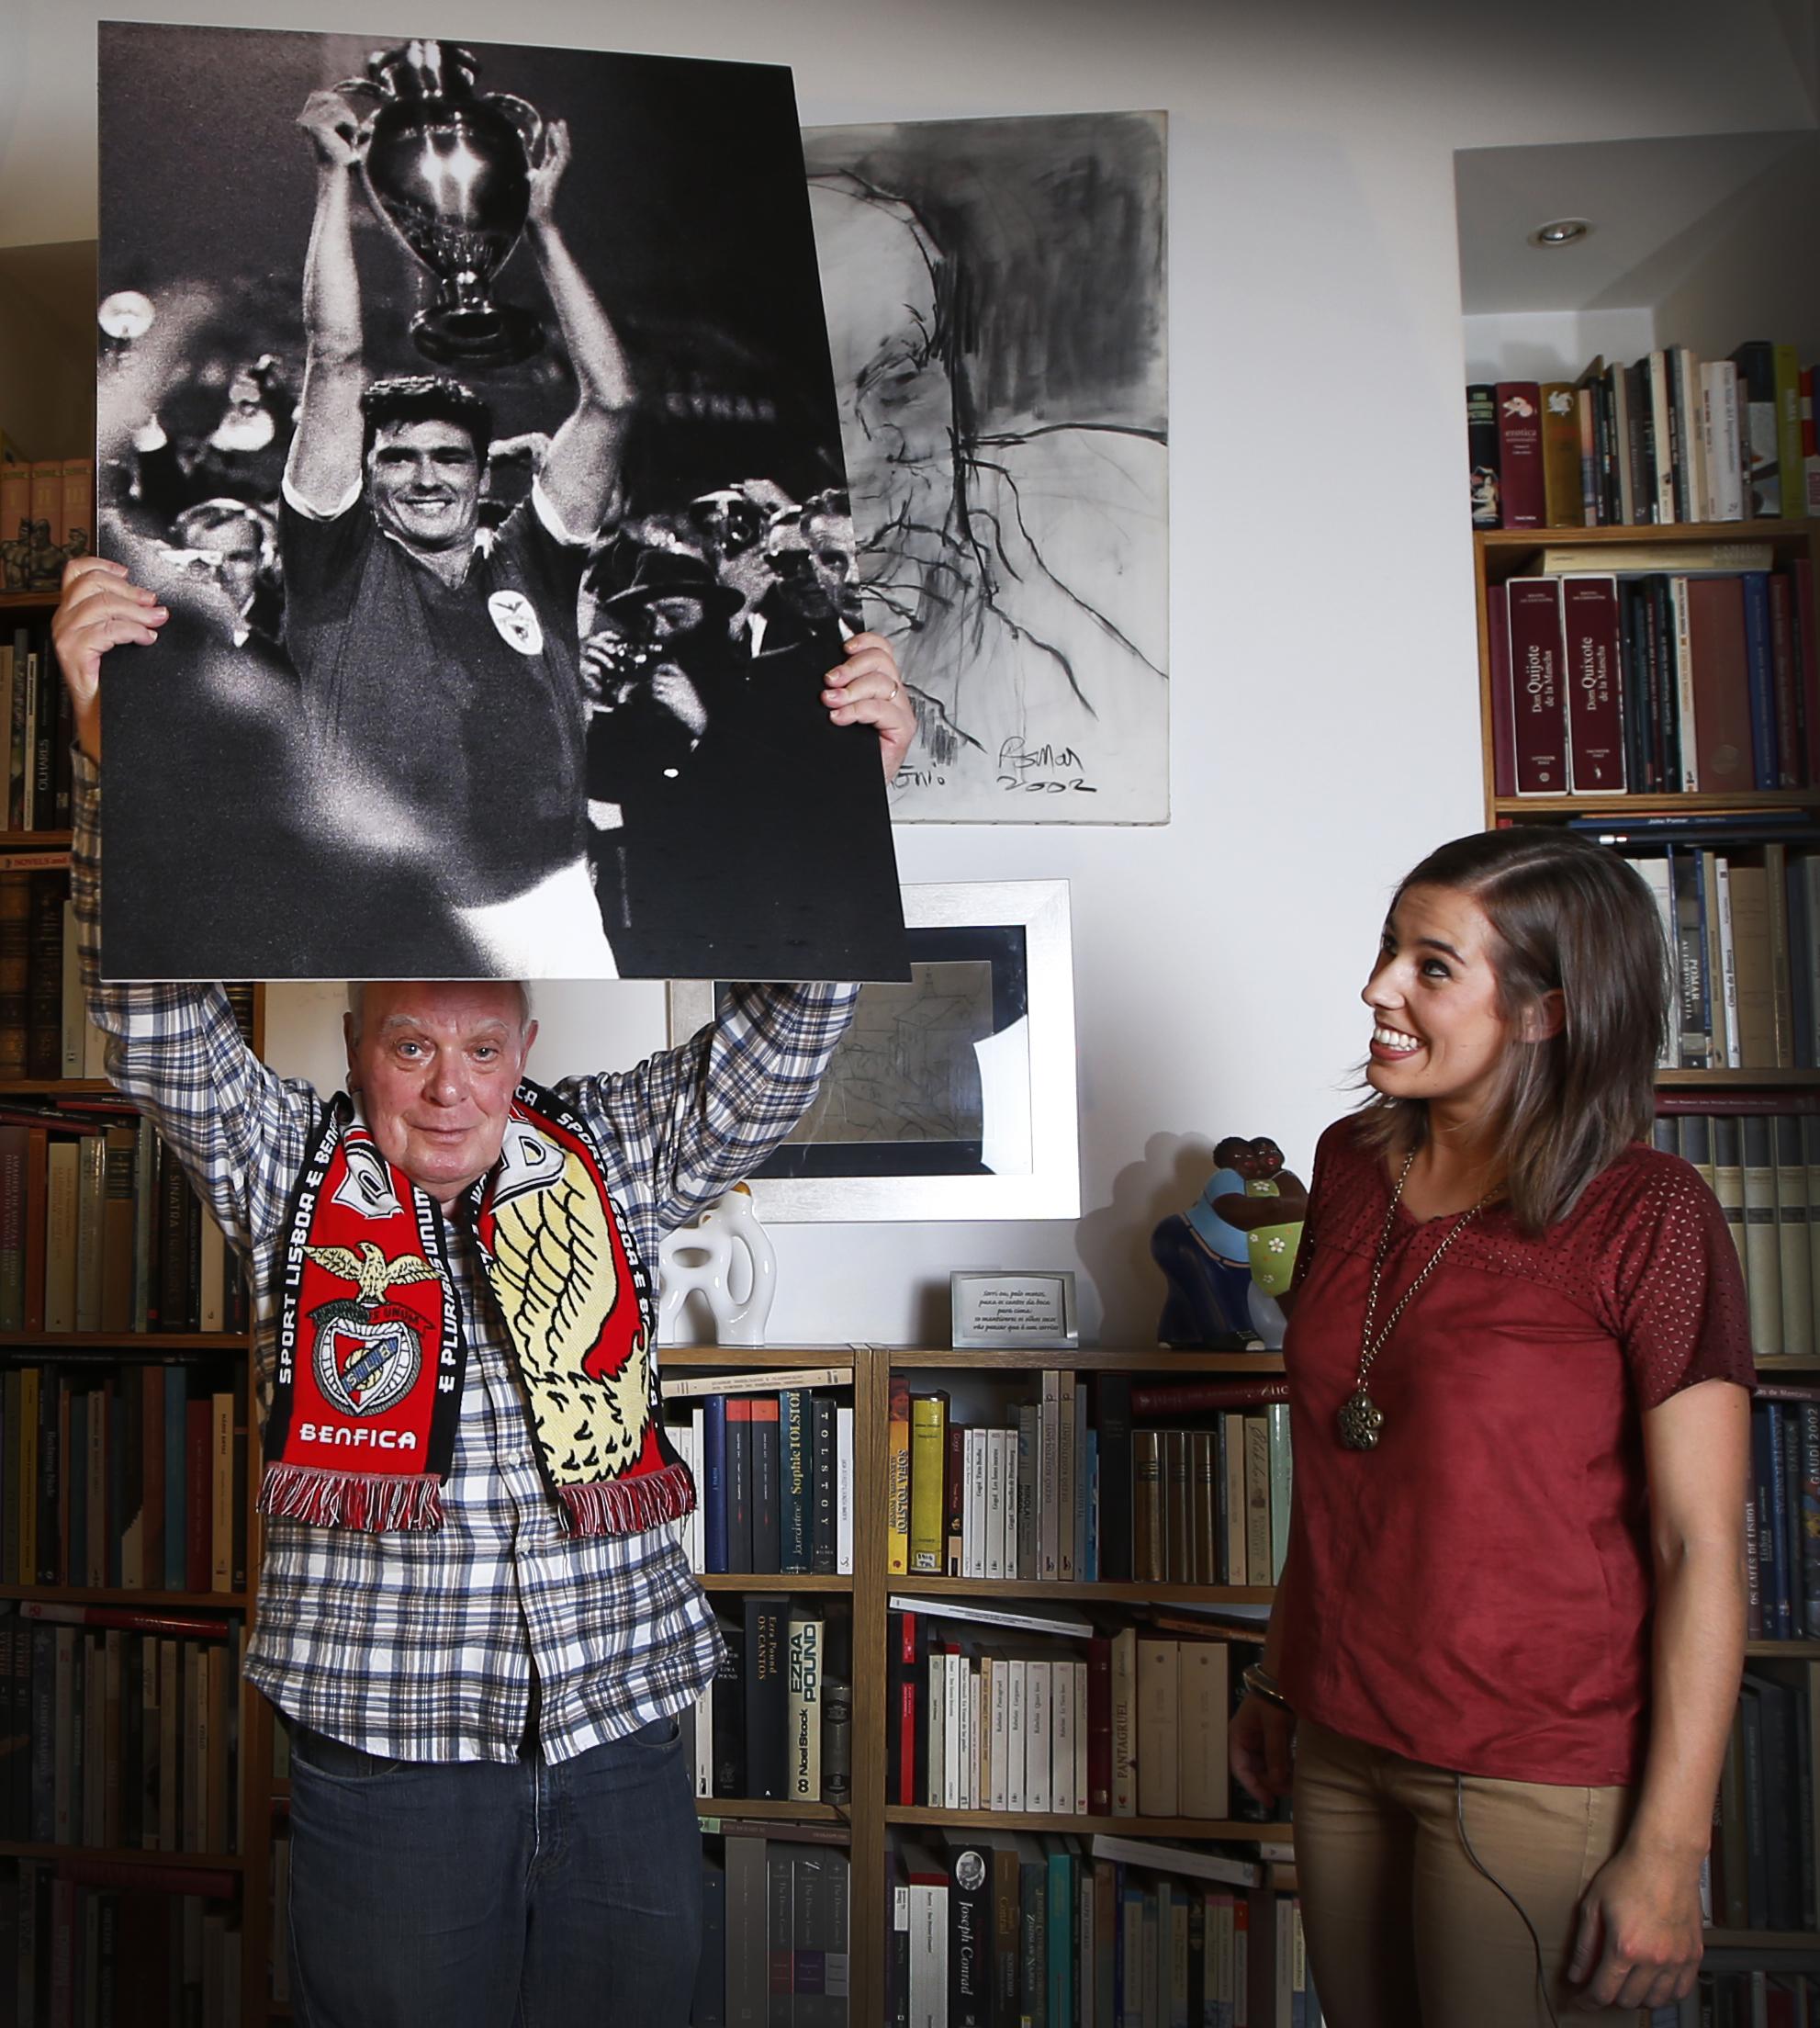 Especial Record Aniversário - Entrevista com o escritor António Lobo Antunes, em sua casa